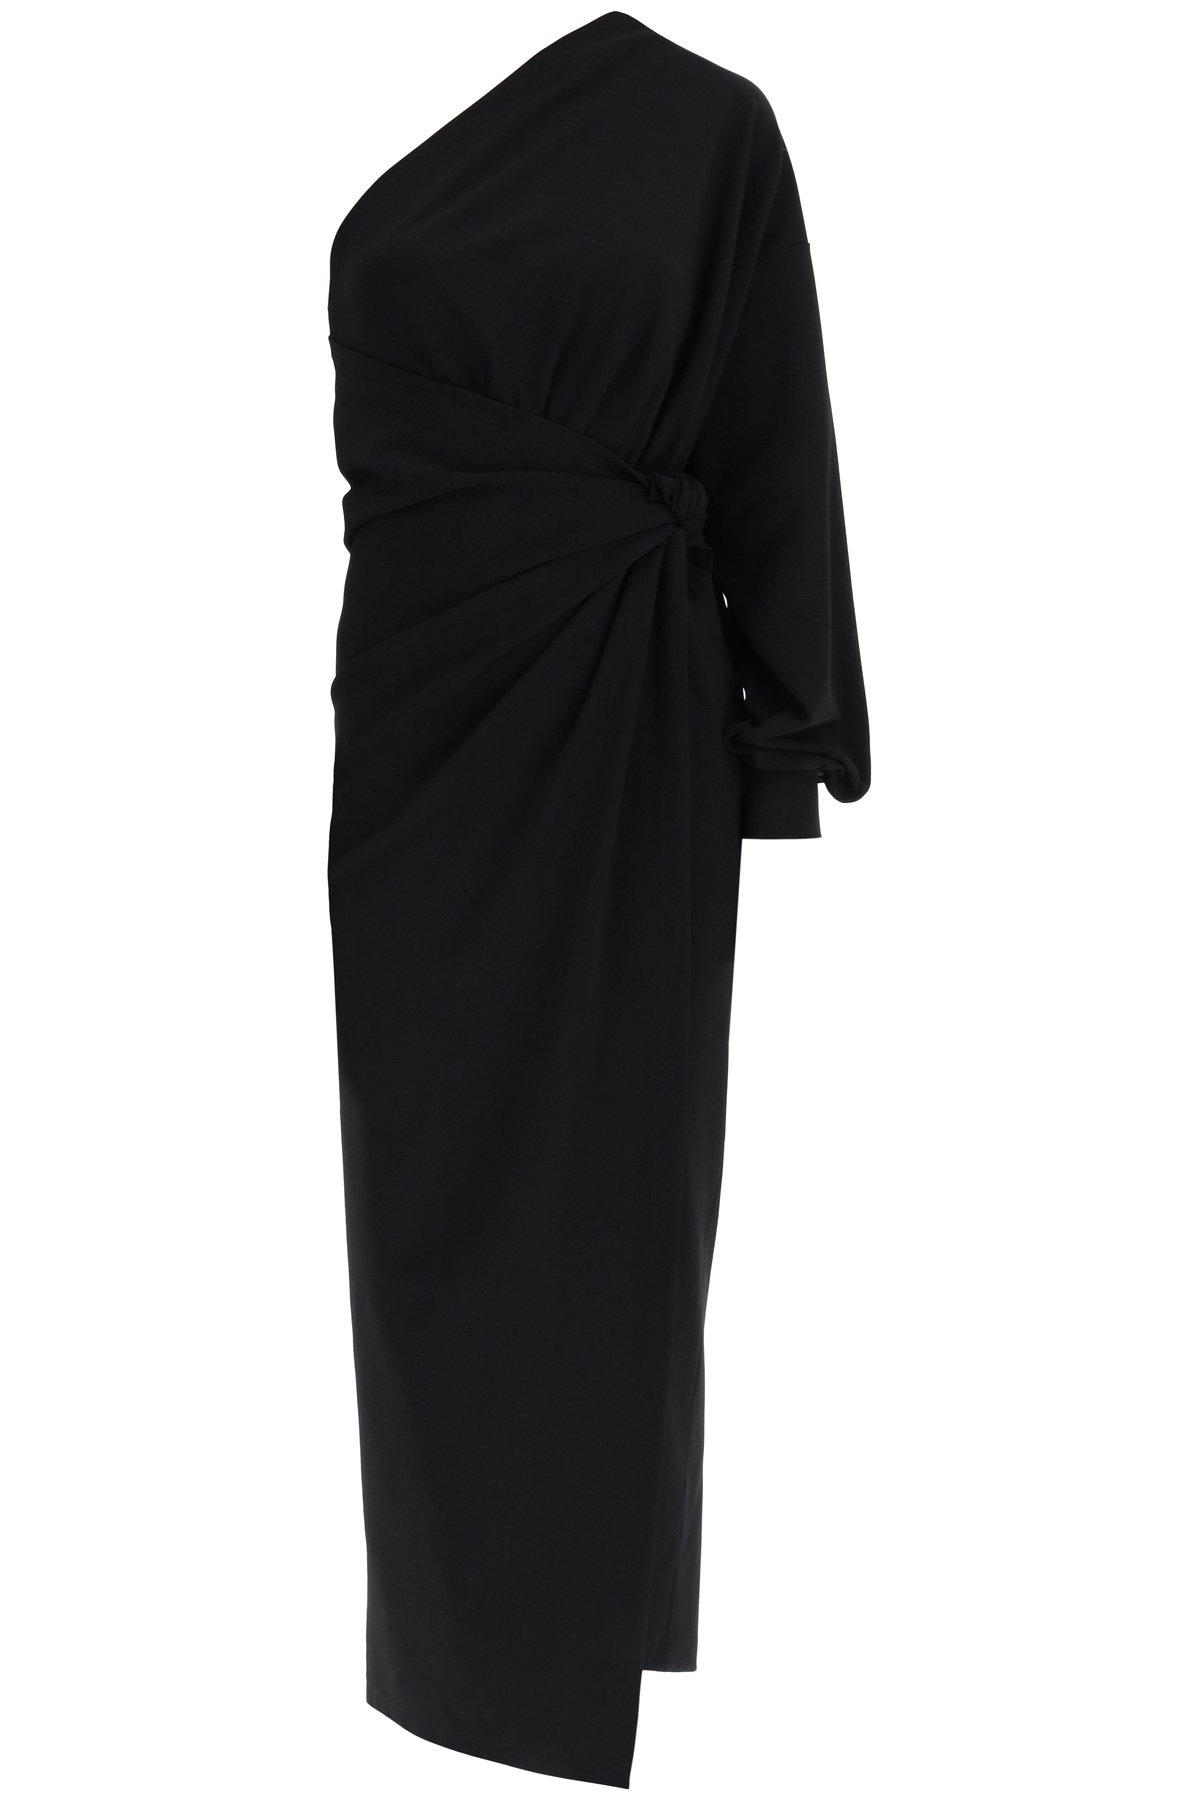 Balenciaga abito monospalla in jersey punto milano